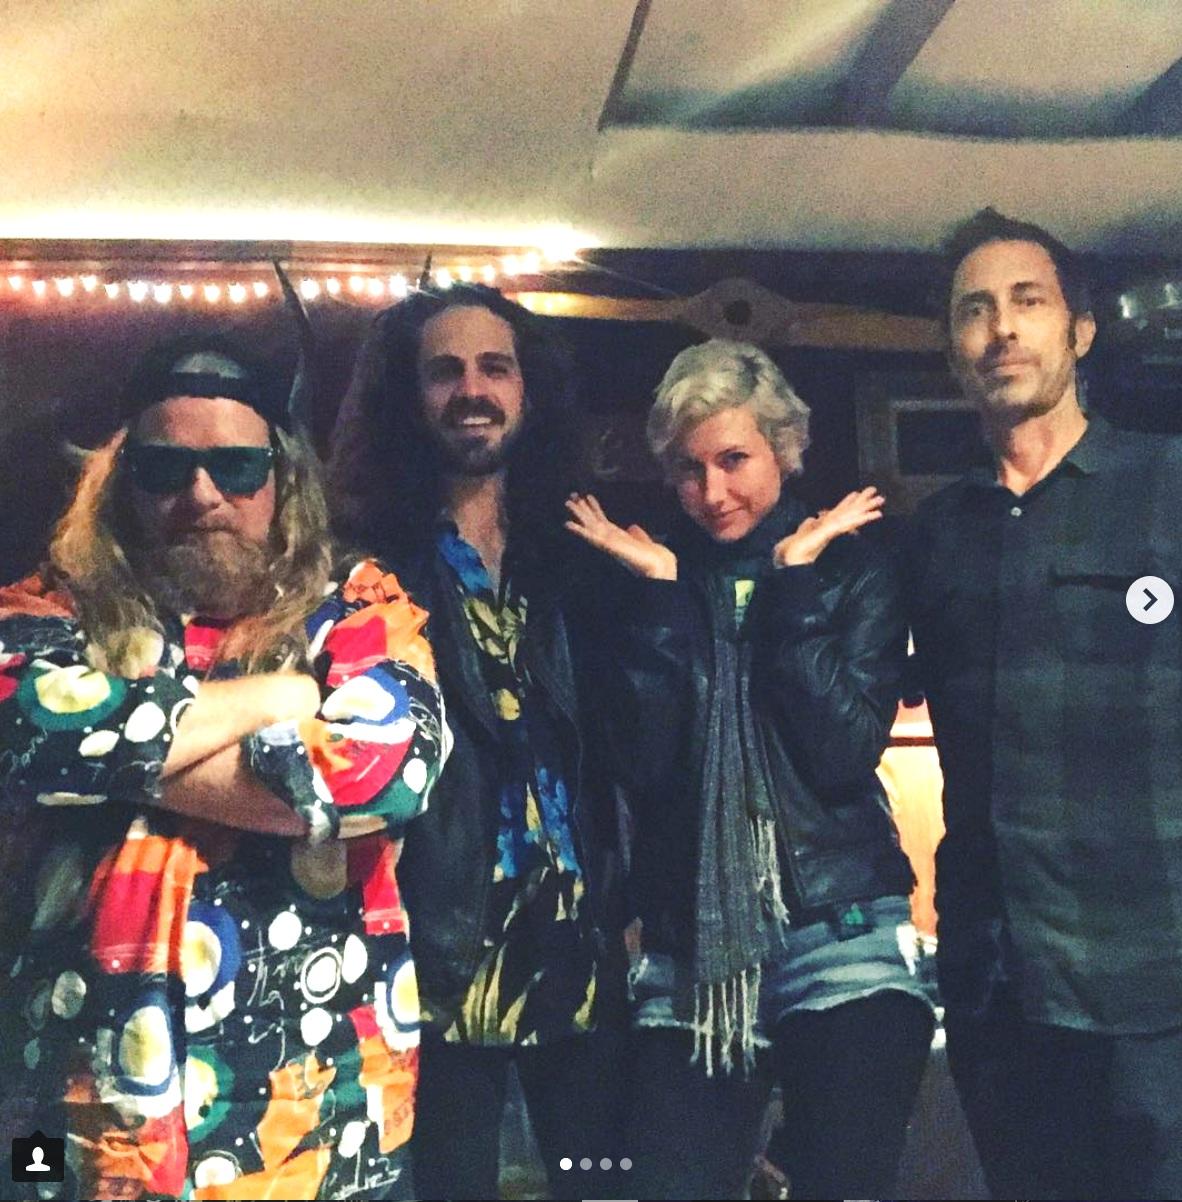 """Erick """"Jesus"""" Coombes (bass) on left, Vince Cuneo (guitar), Jessamyn Violet (drums), Matt Wignall (producer)"""